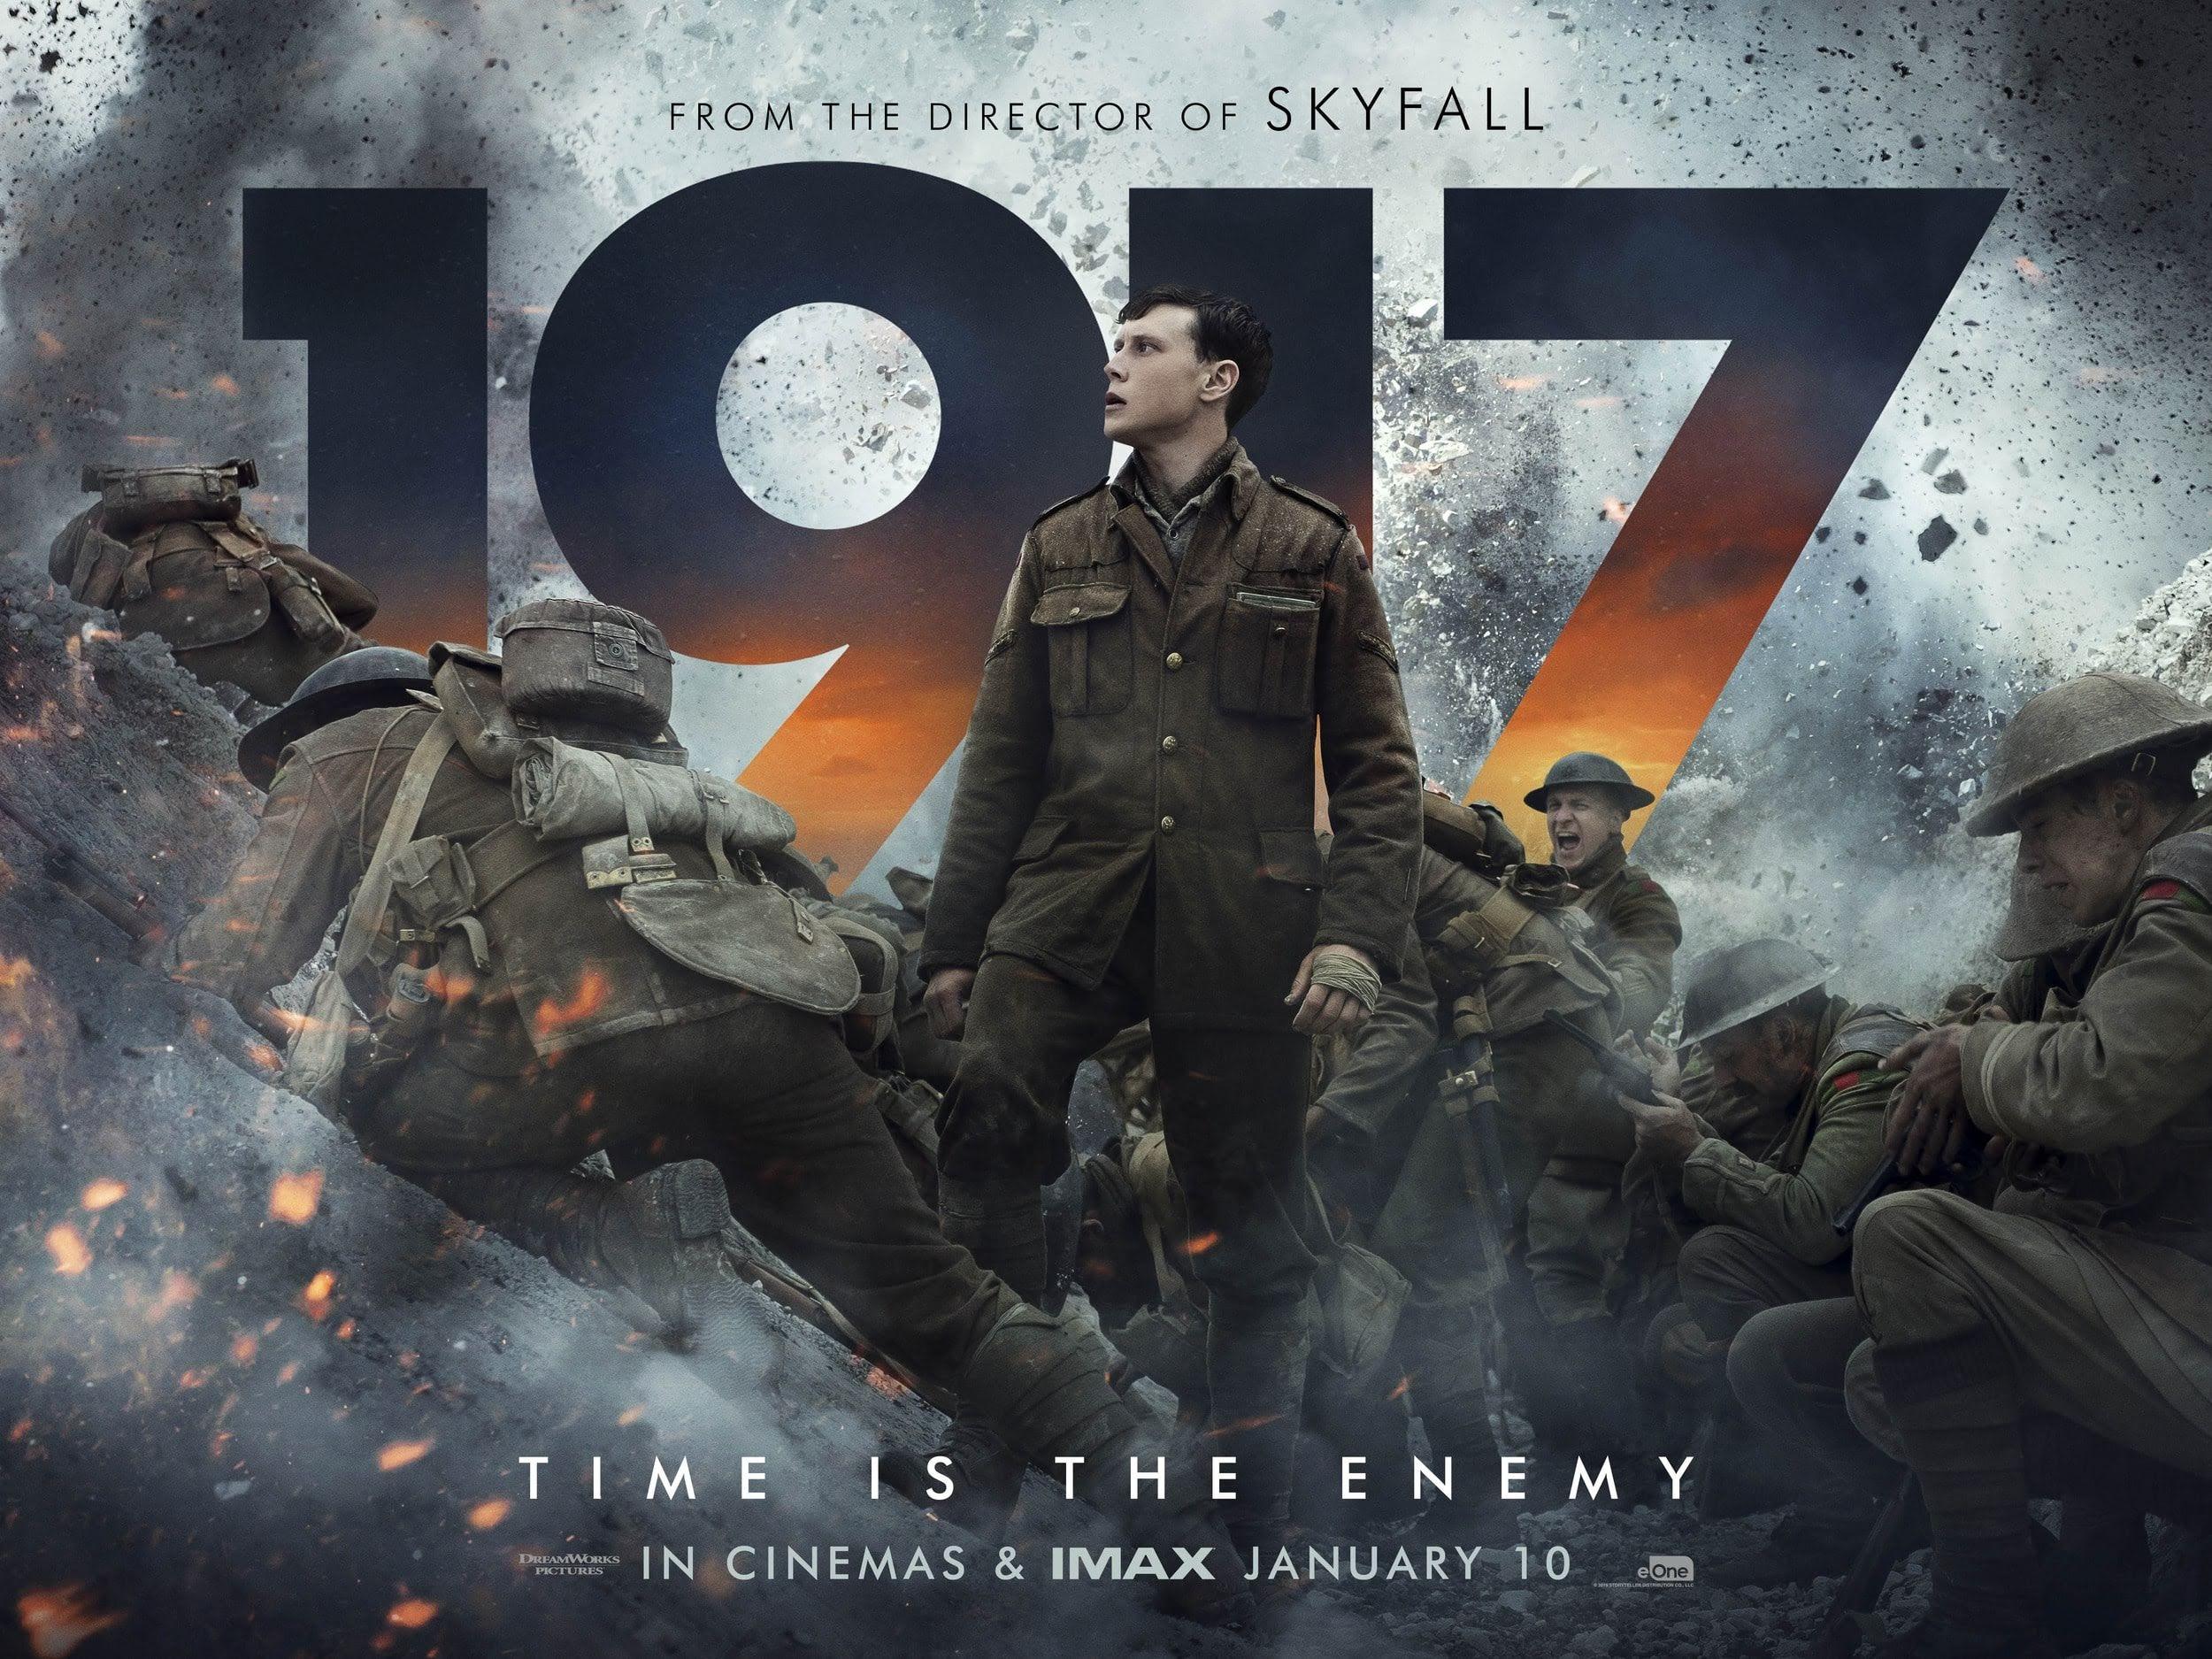 Quad Poster for 1917 : サム・メンデス監督の戦争サスペンスの最新作「1917」のクワッド・ポスター ! !